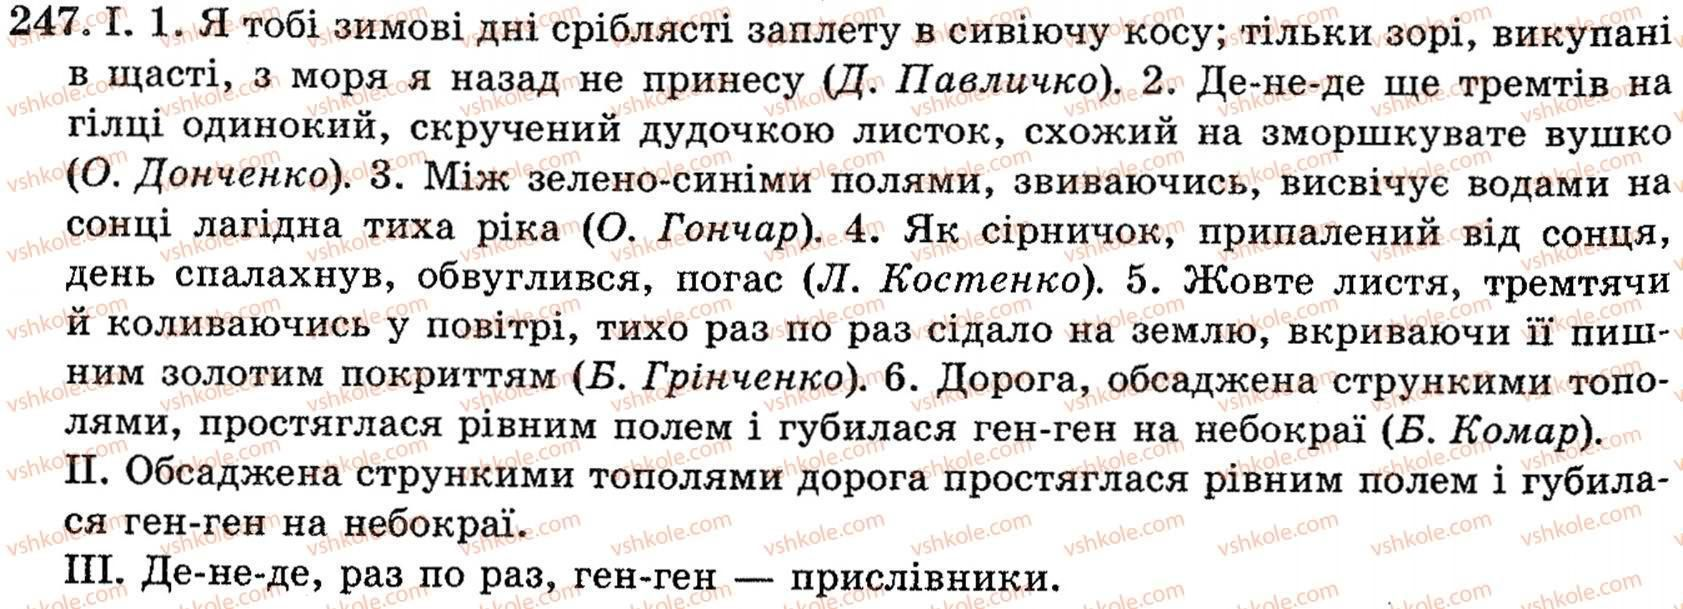 Гдз українська мова 6 клас вшколе